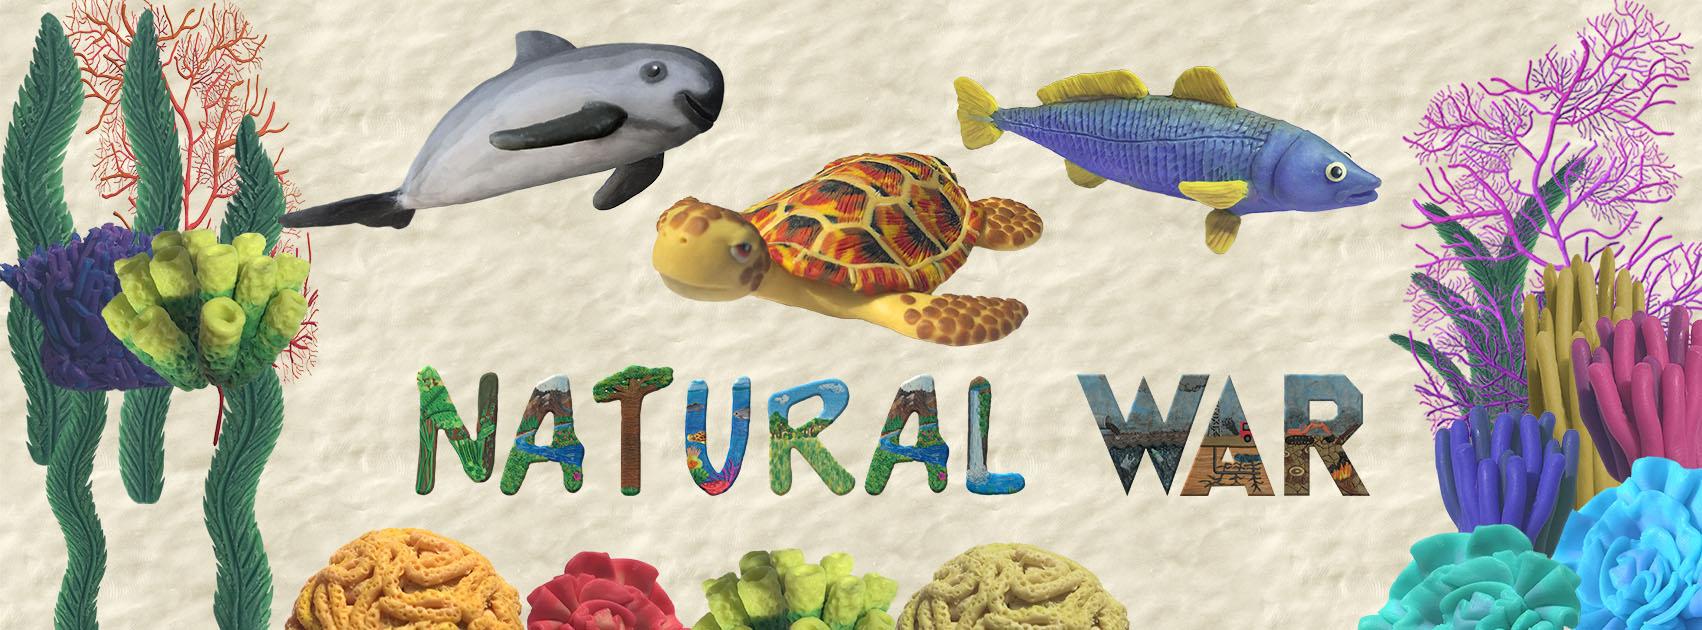 Natural War, hecho en plastilina, plastilina, tan grande y jugando, indiegogo